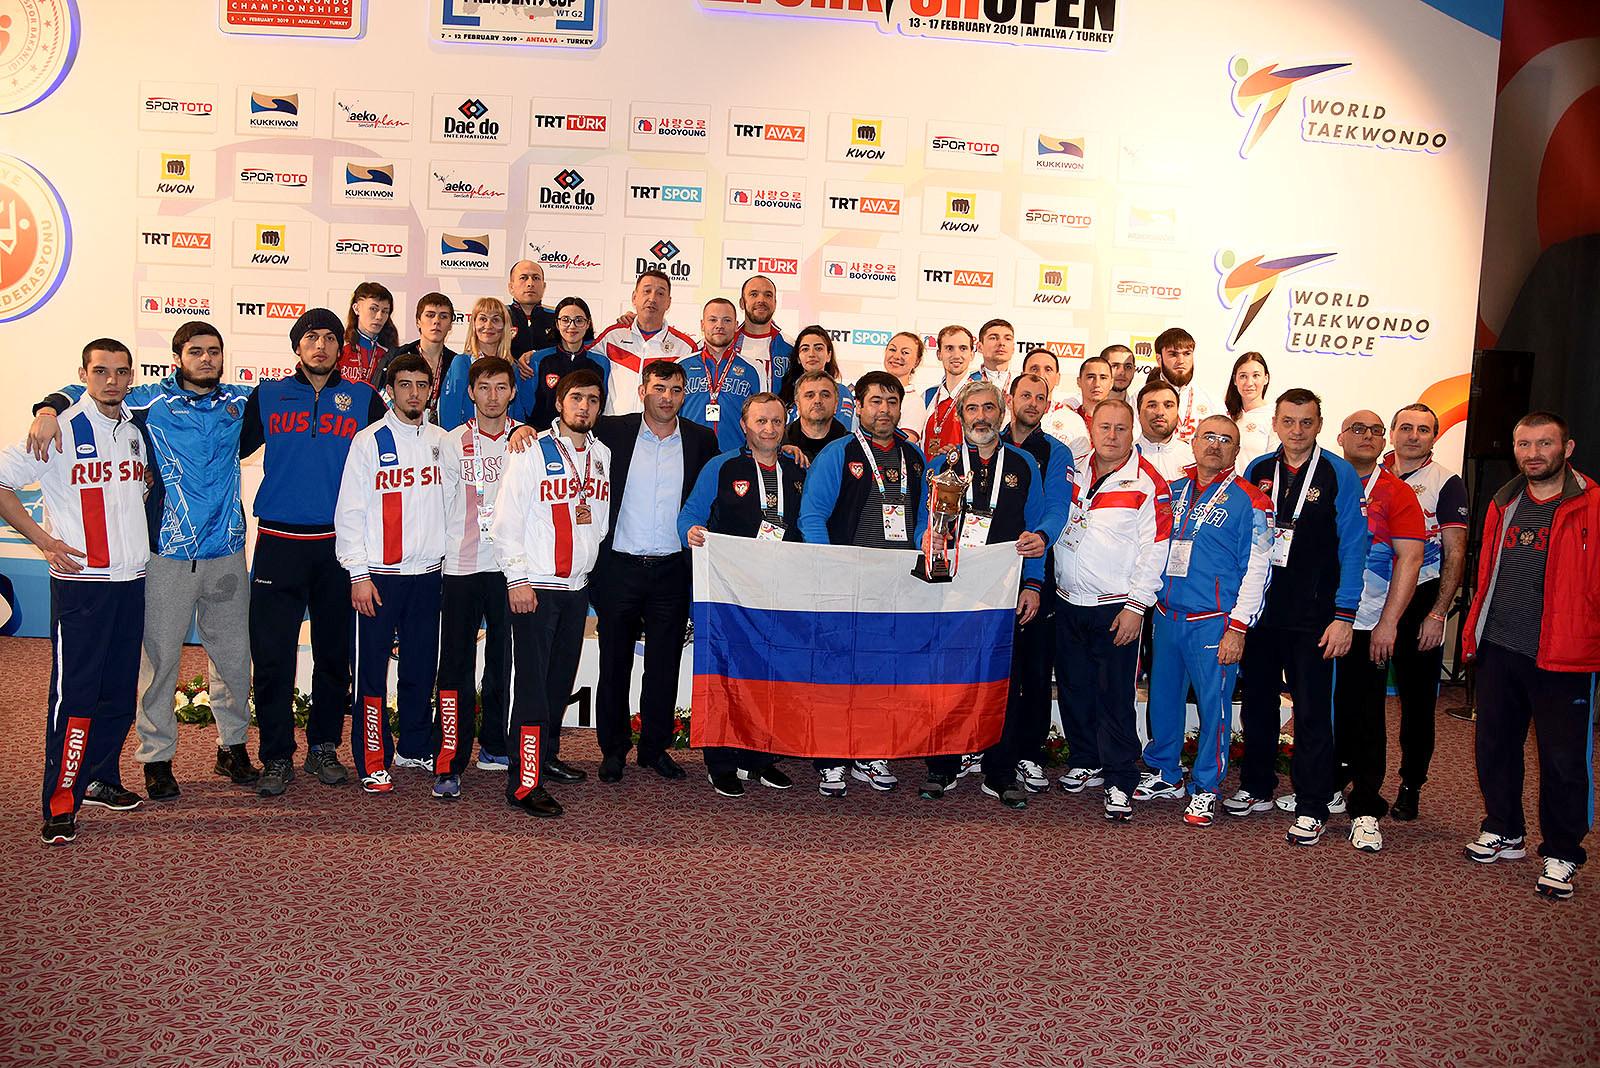 Российские спортсмены завоевали 4 золотые, 5 серебряных и 5 бронзовых медалей на чемпионате мира по паратхэквондо в Турции